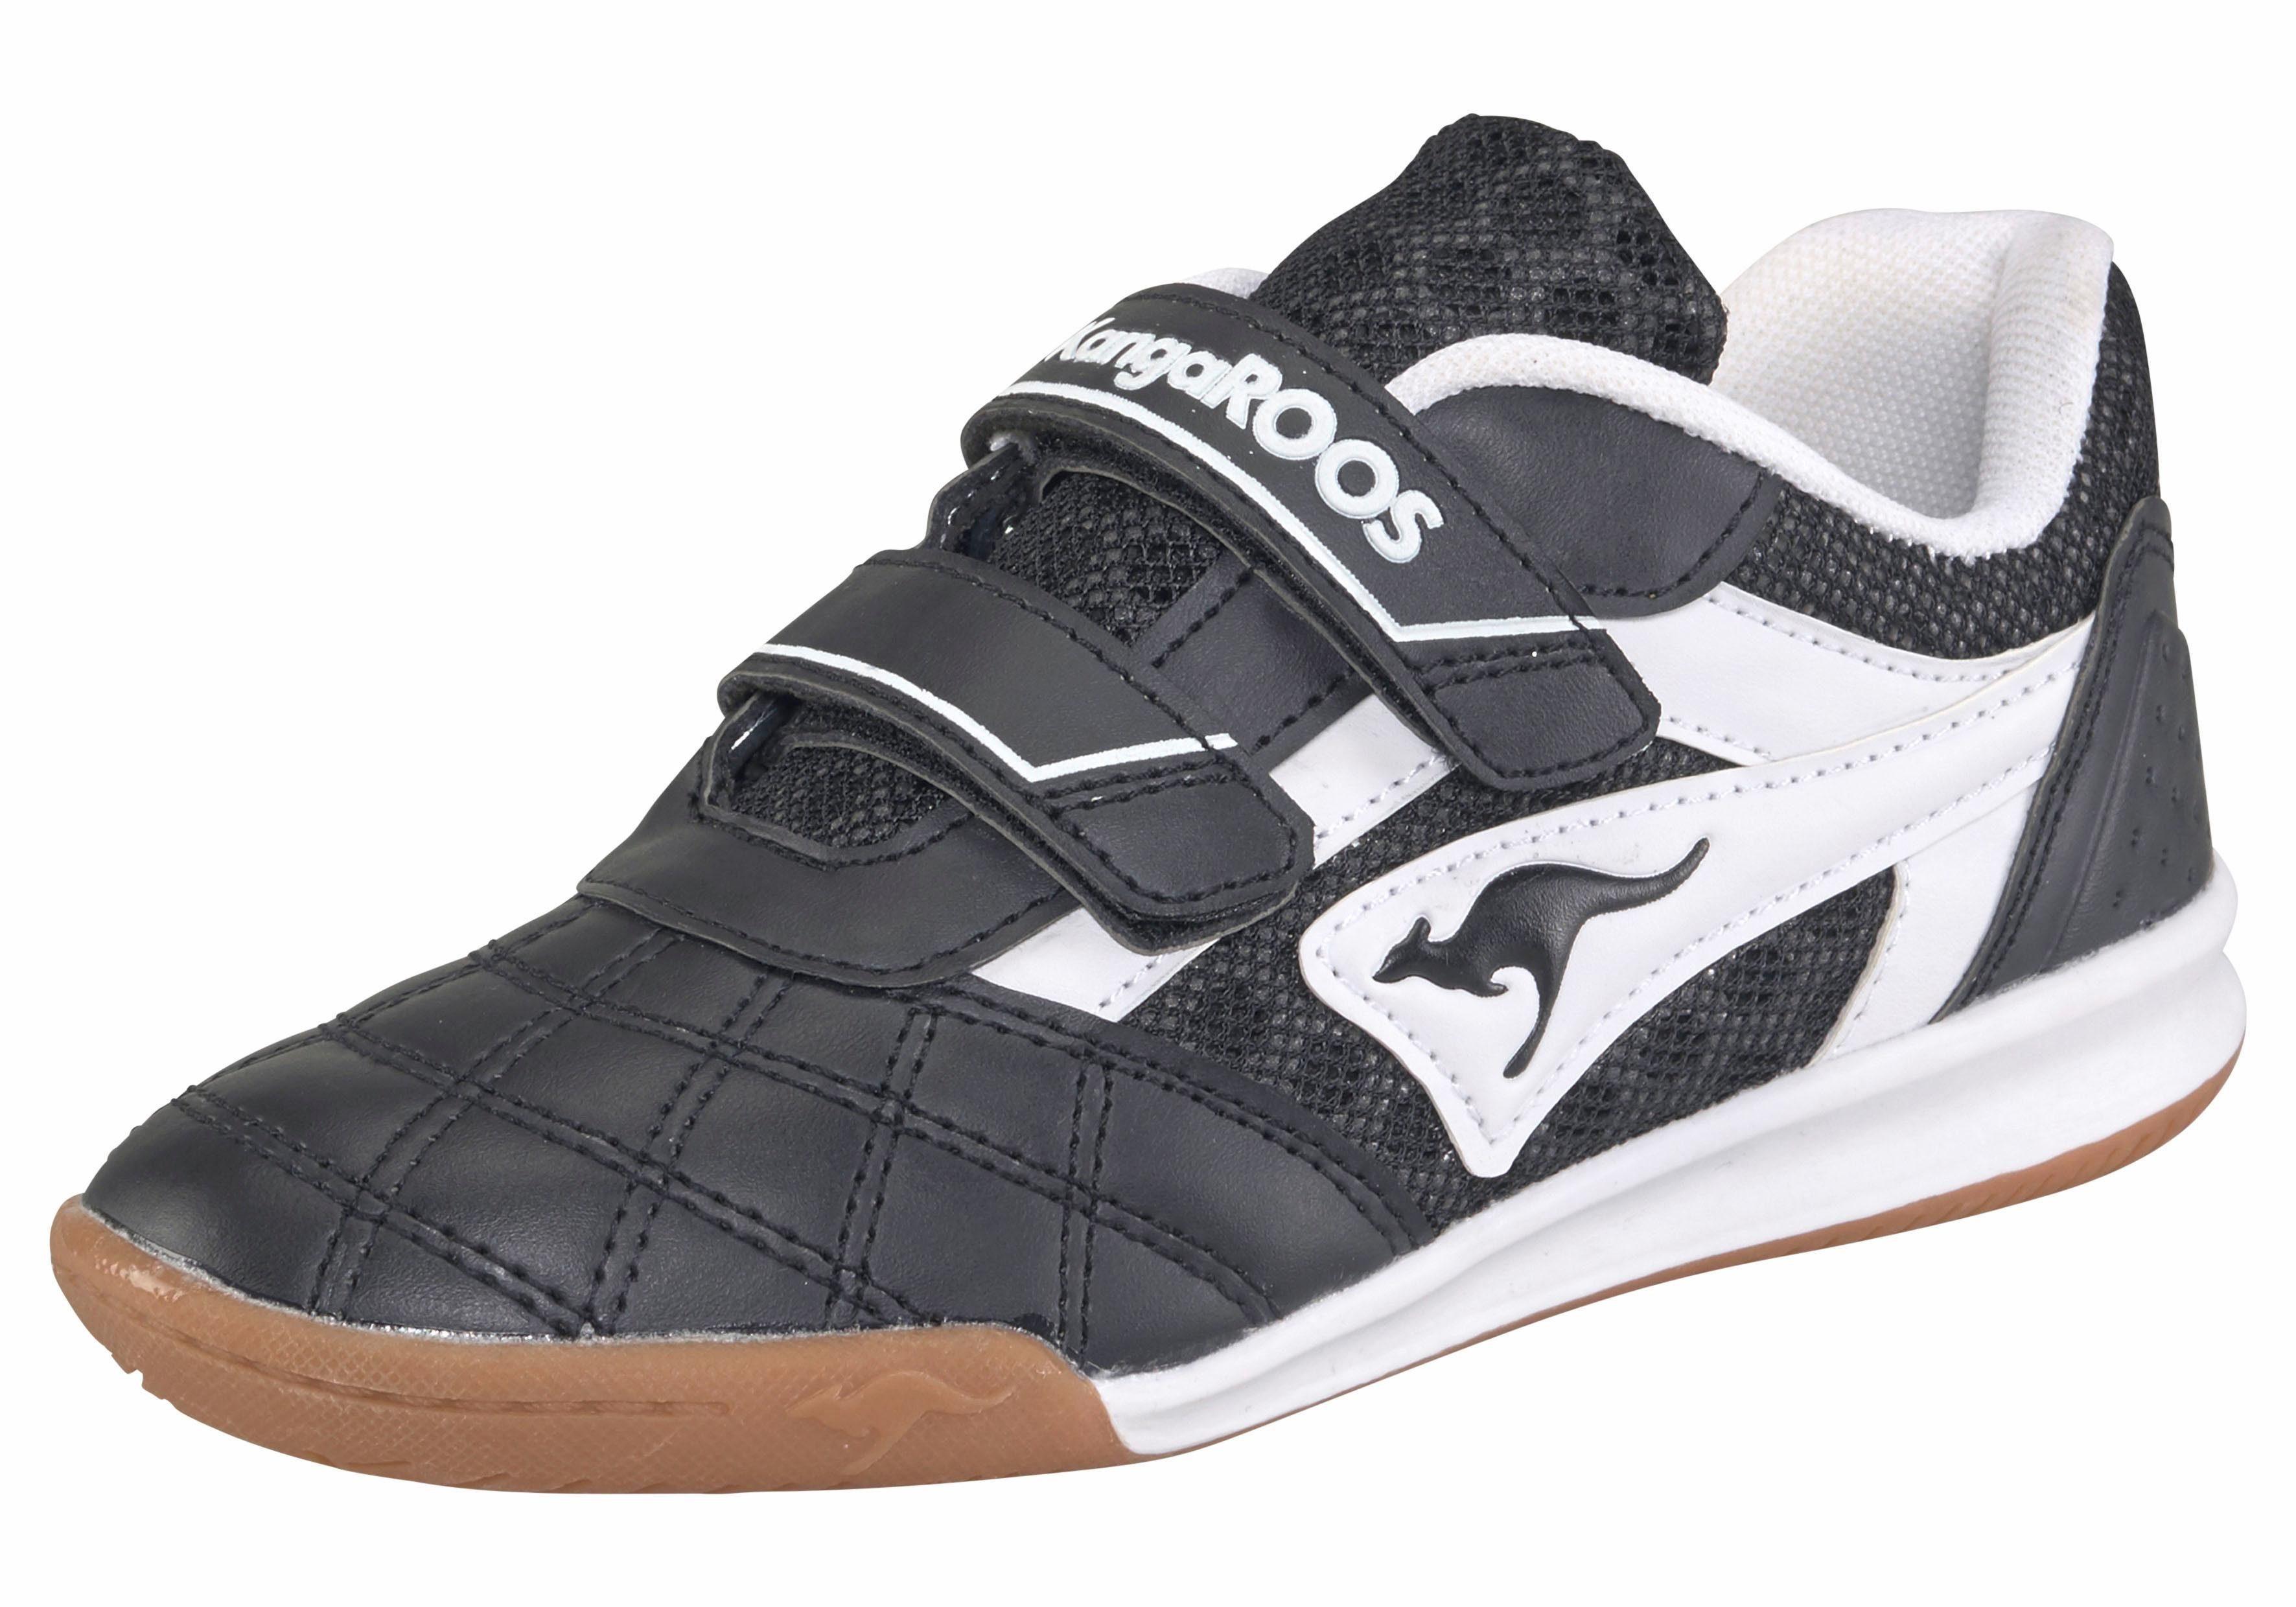 Kangourous De Chaussures Noir sQgpLVrIJd